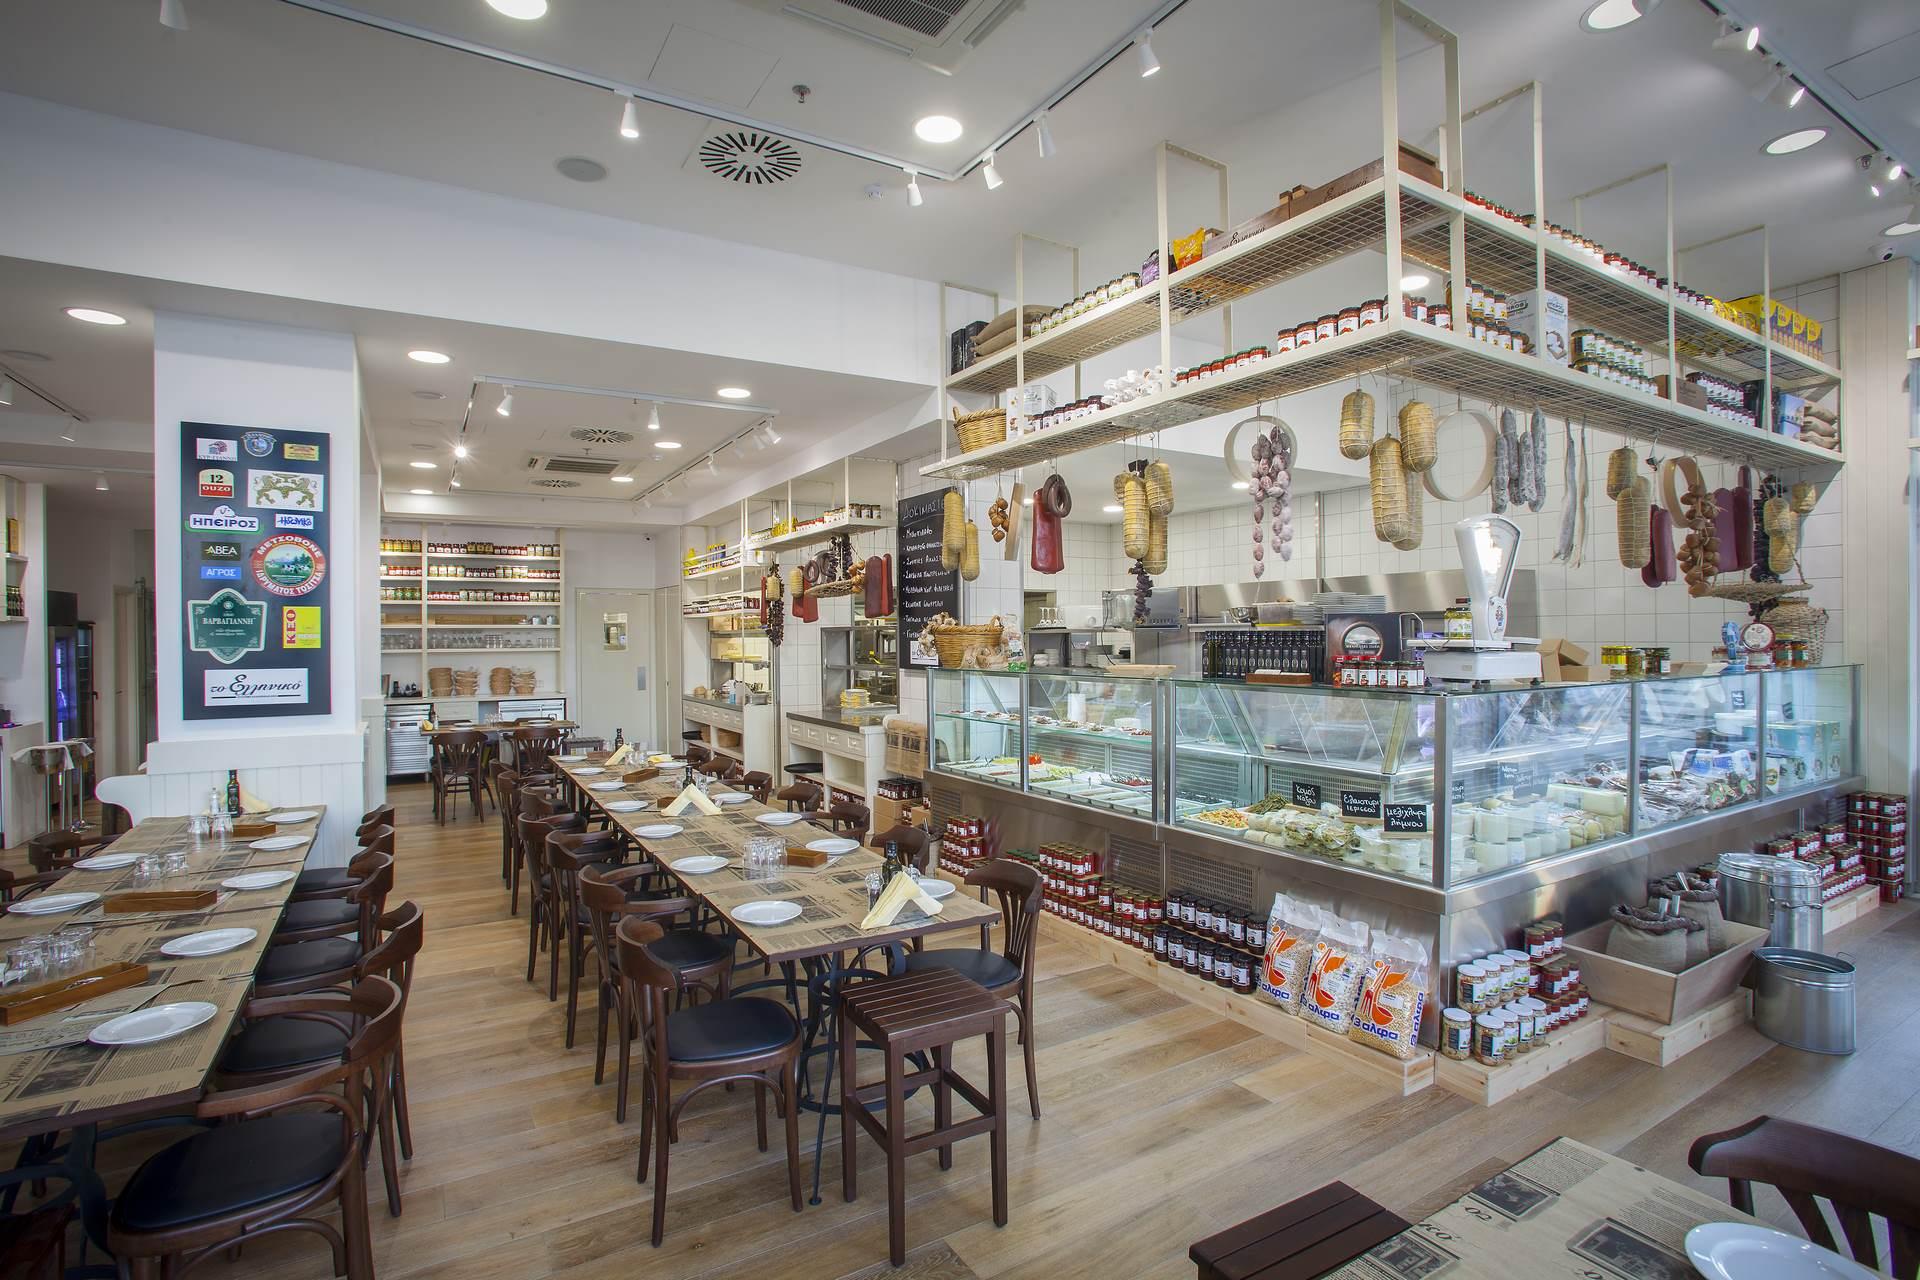 Οι γεύσεις του Ελληνικού εμπλουτίζονται με τα πιάτα της ημέρας